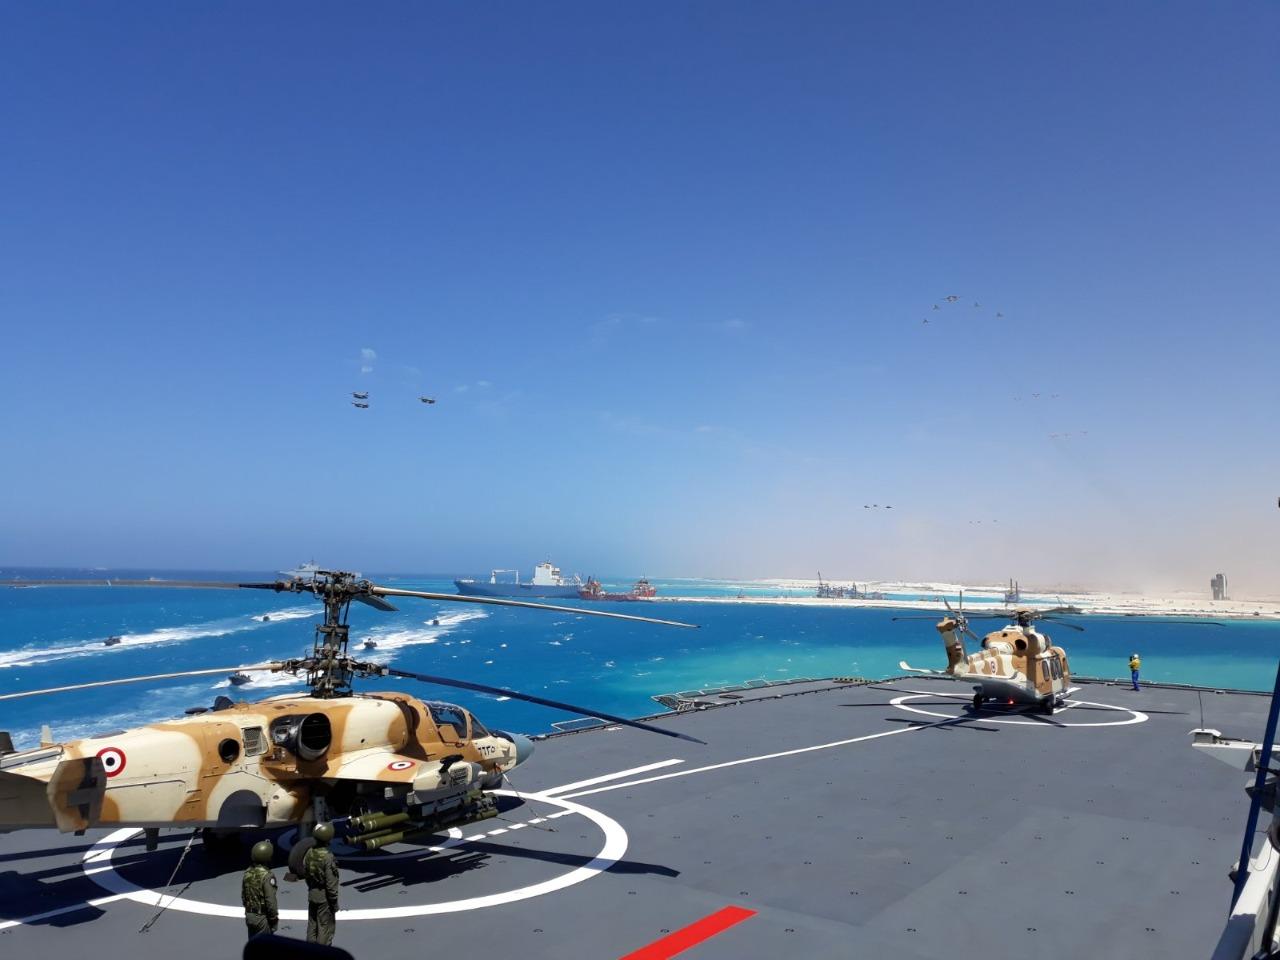 Παρουσία του αρχηγού ΓΕΕΘΑ εγκαινιάστηκε η νέα αιγυπτιακή ναυτική βάση